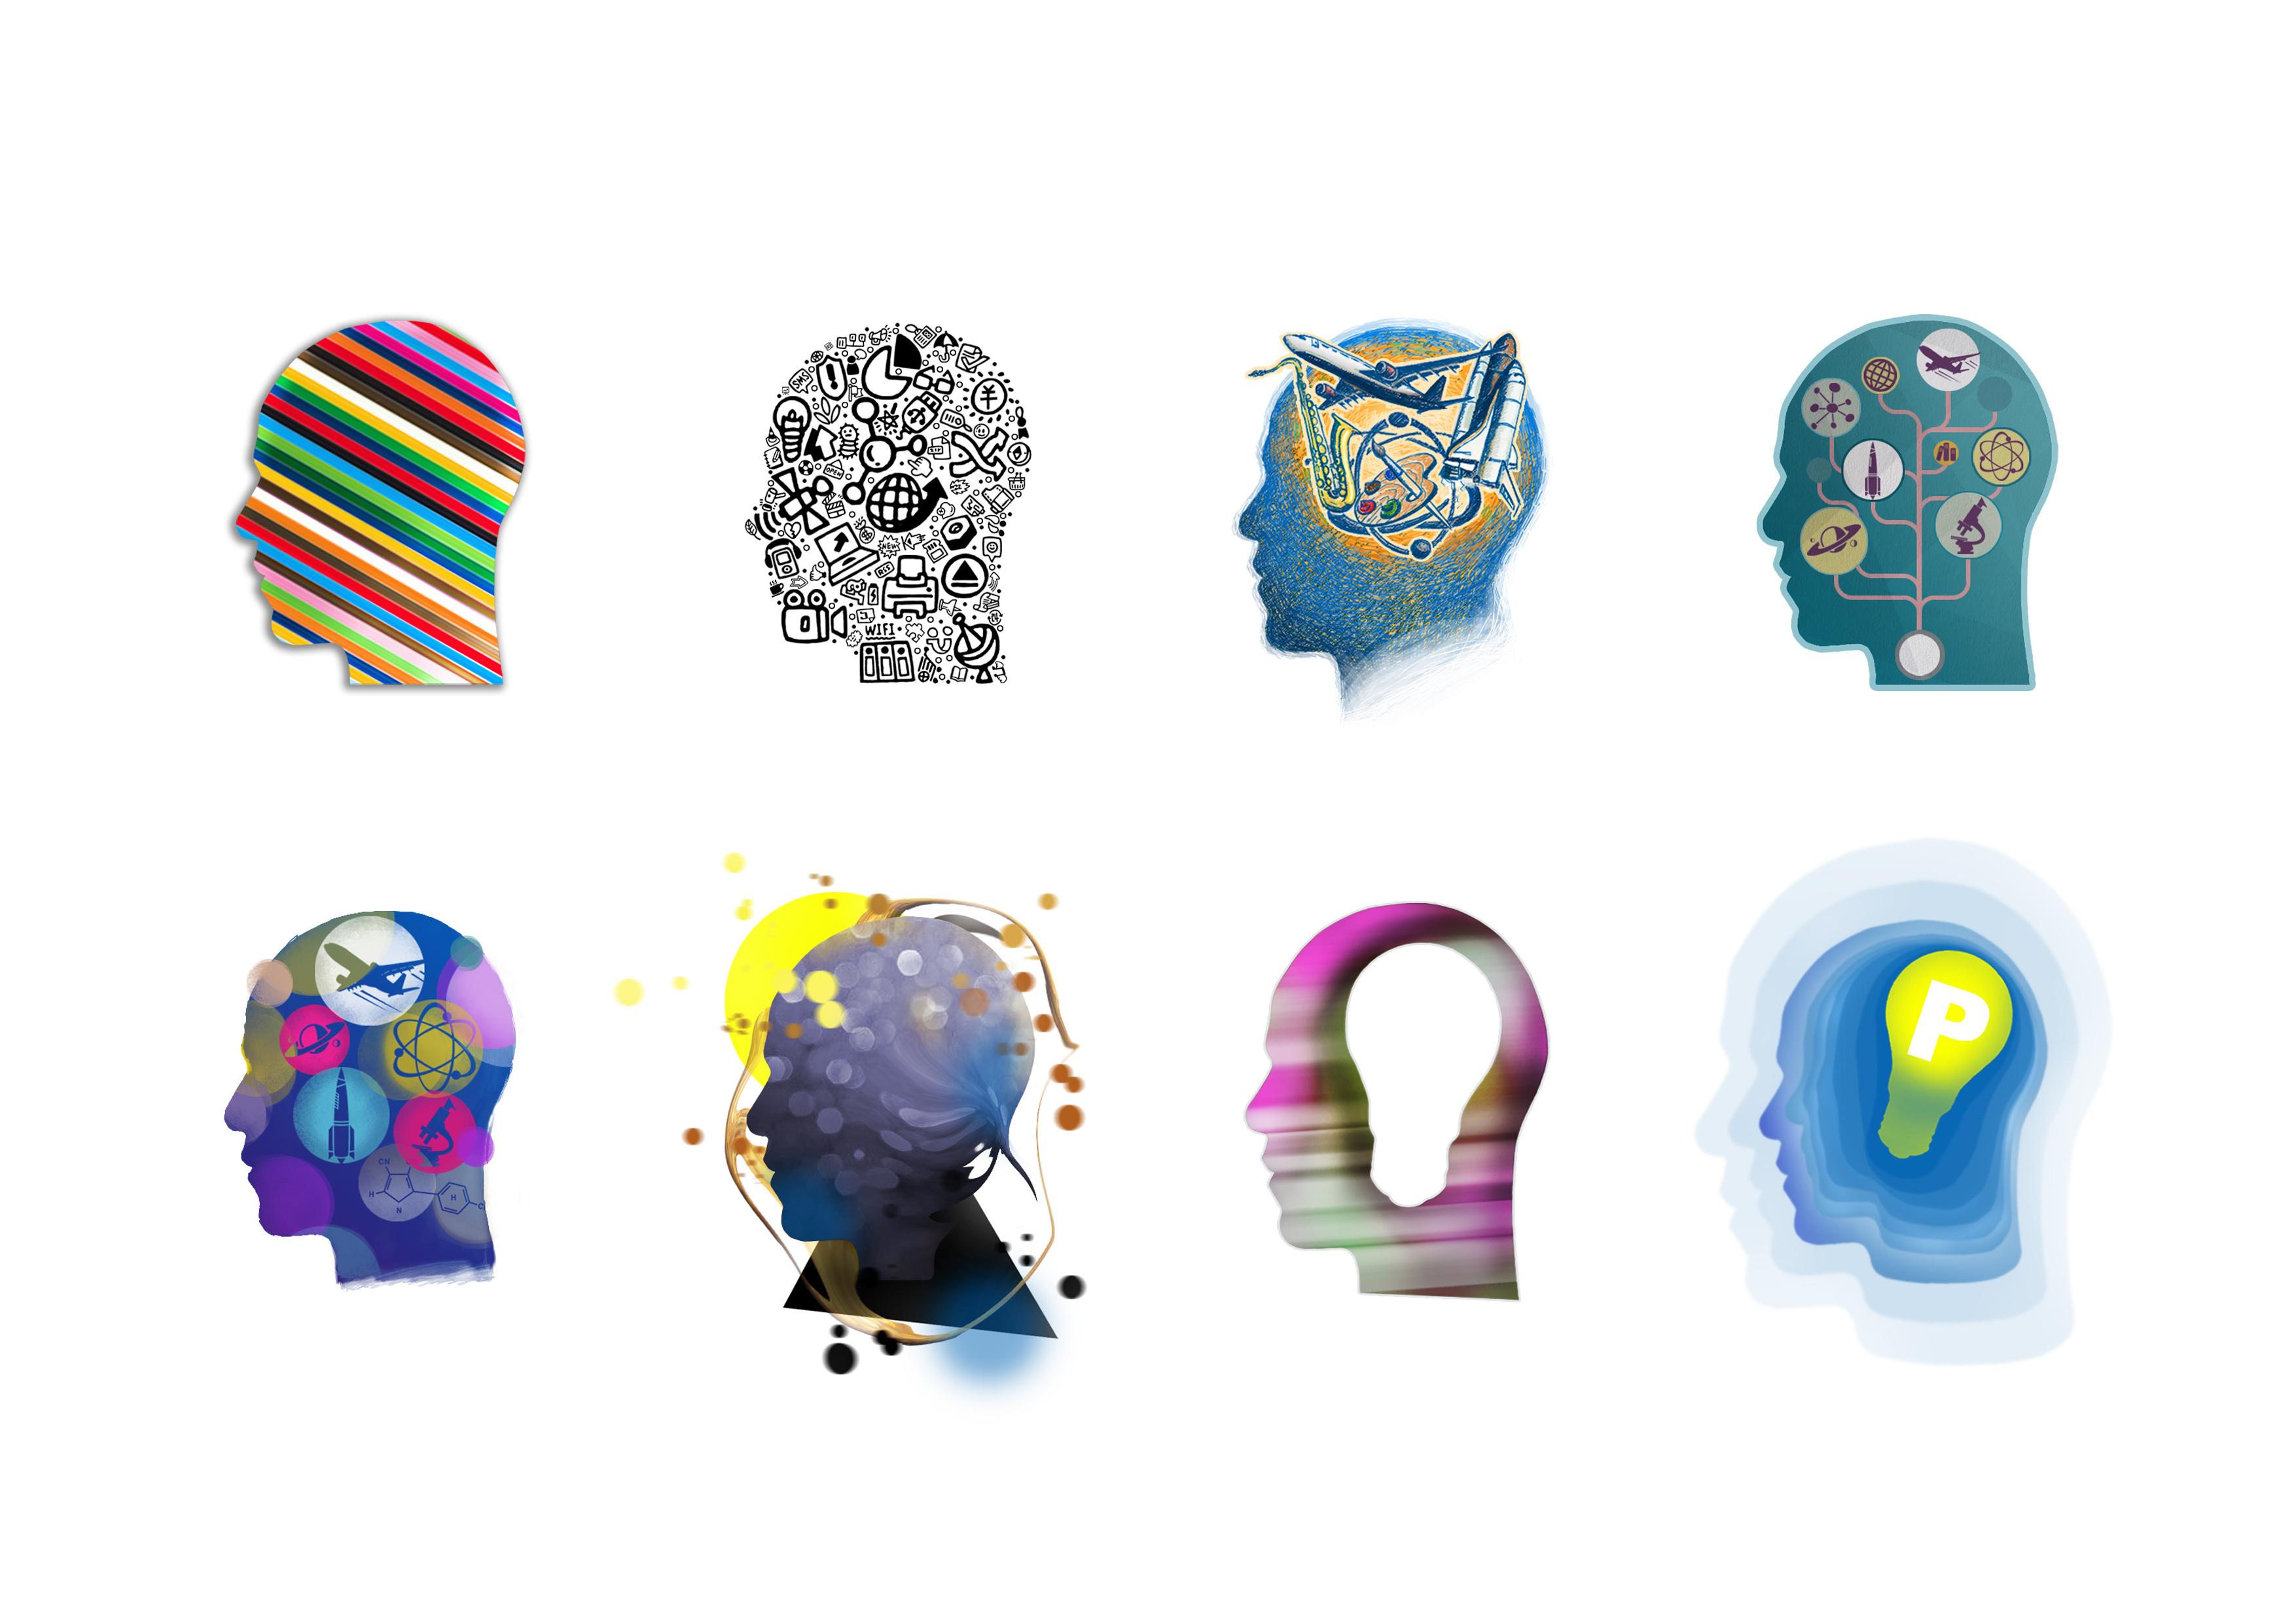 脑袋后面结构图